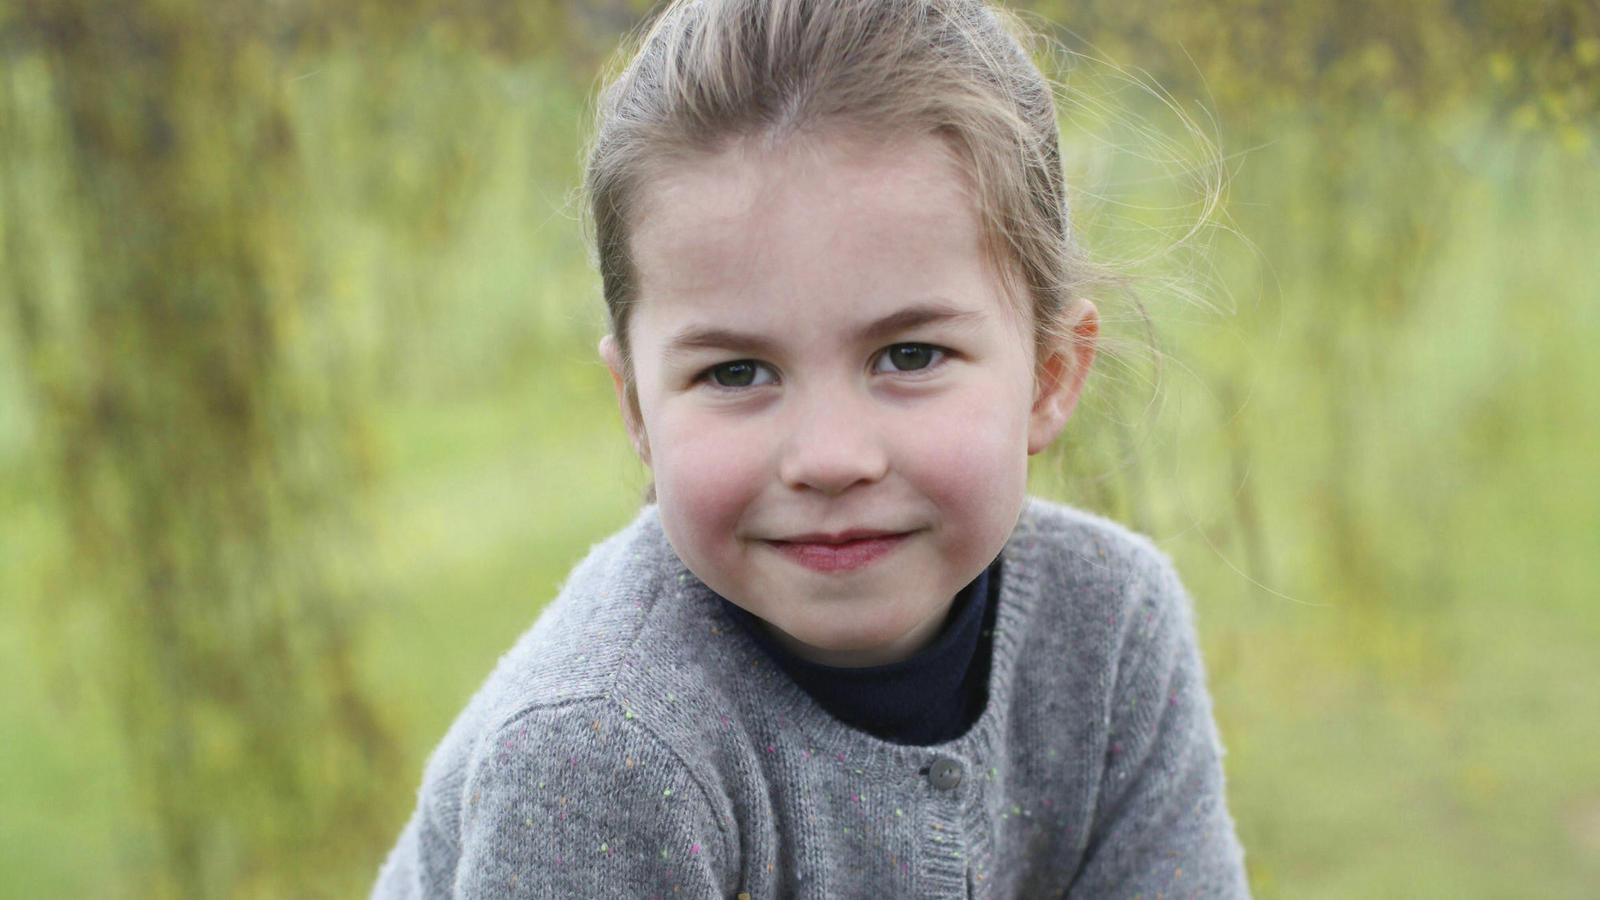 Prinzessin Charlotte wird 6 Jahre alt.